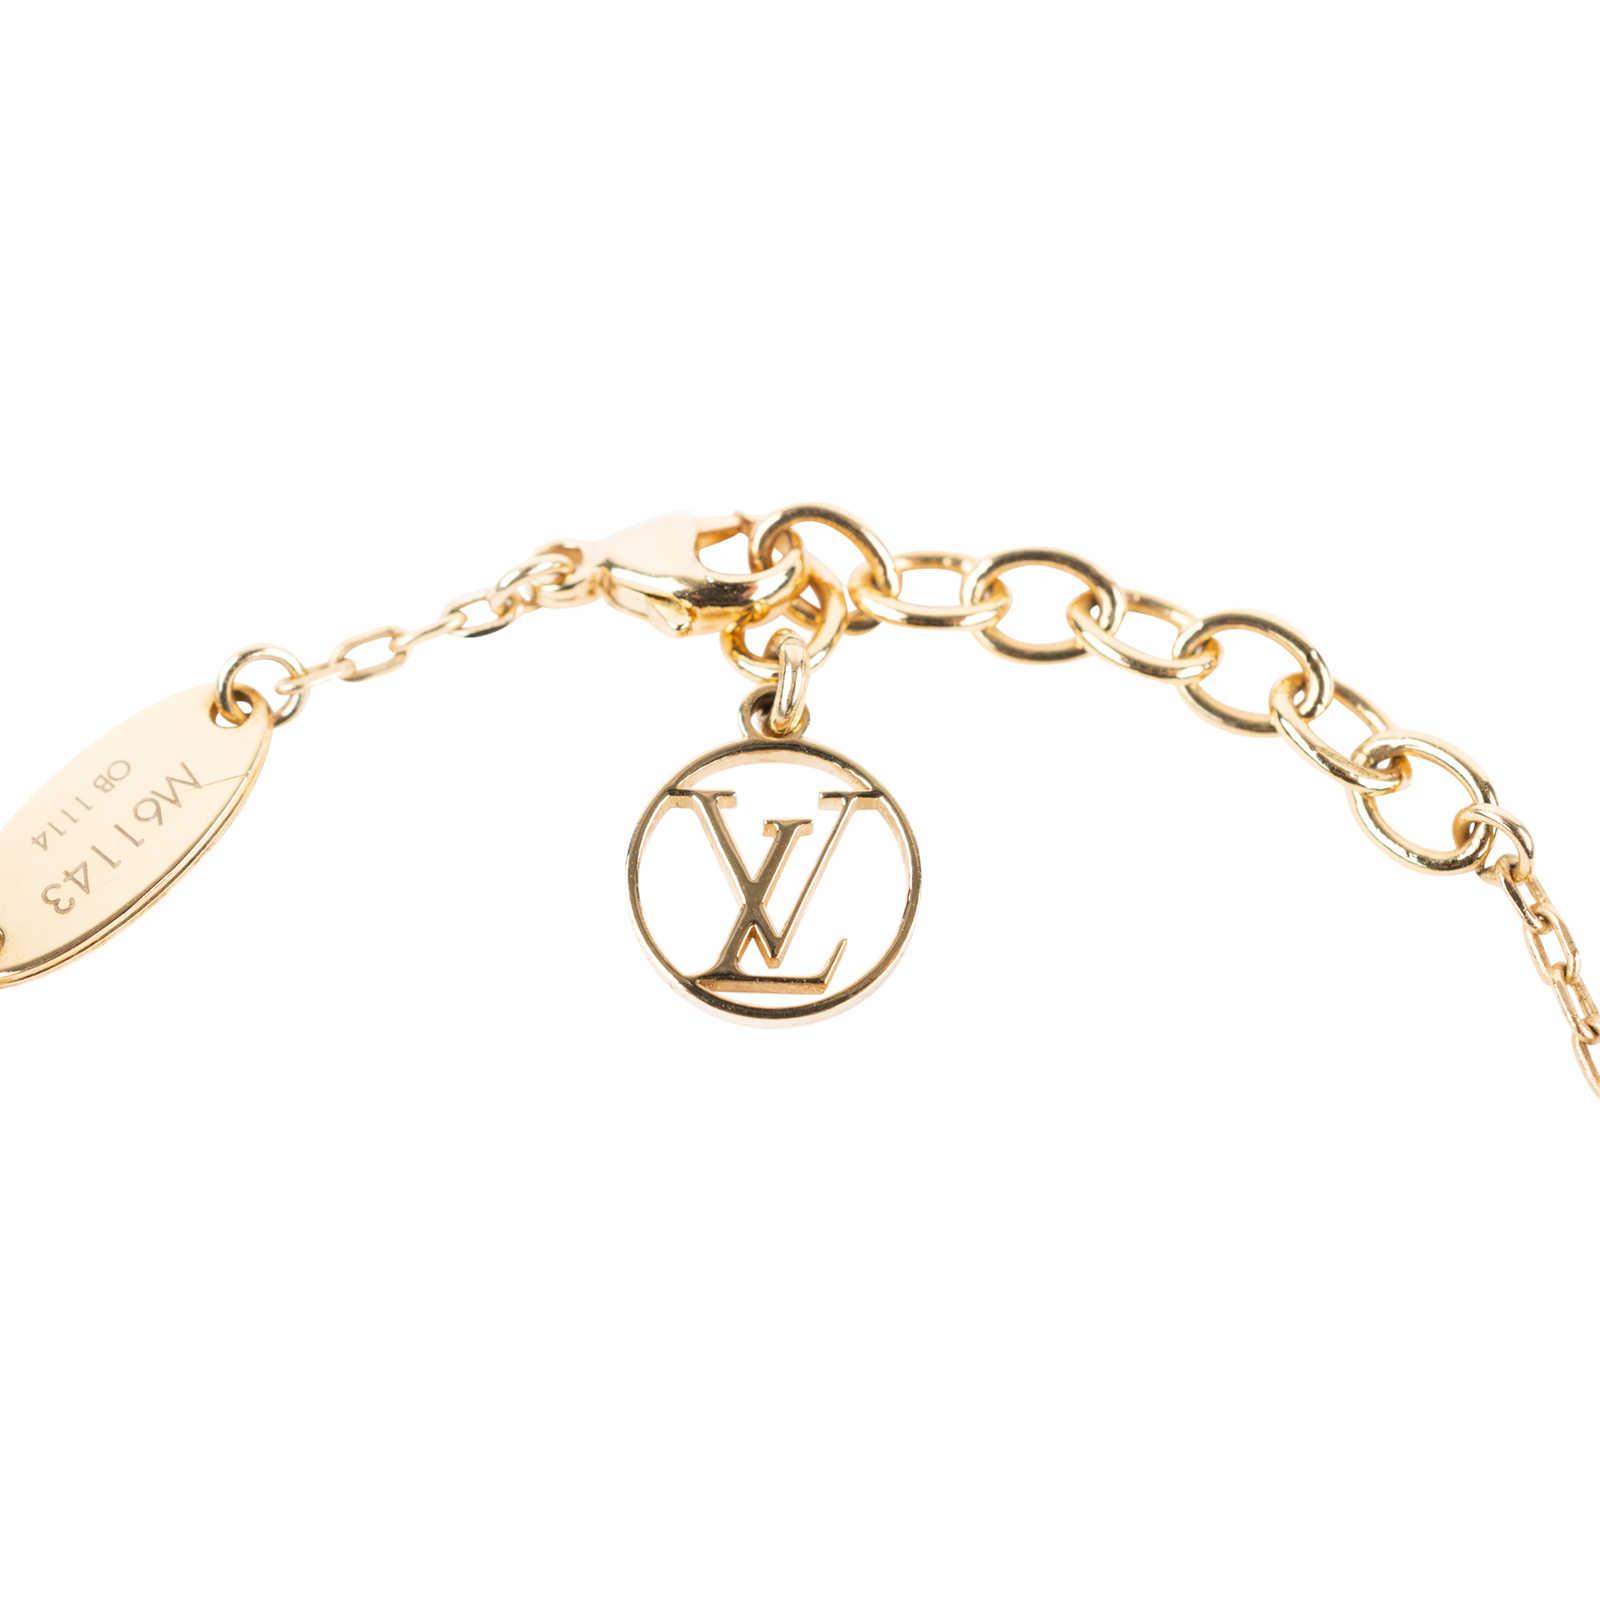 d985b1771fc1 ... Authentic Second Hand Louis Vuitton LV   Me Heart bracelet  (PSS-136-00045 ...